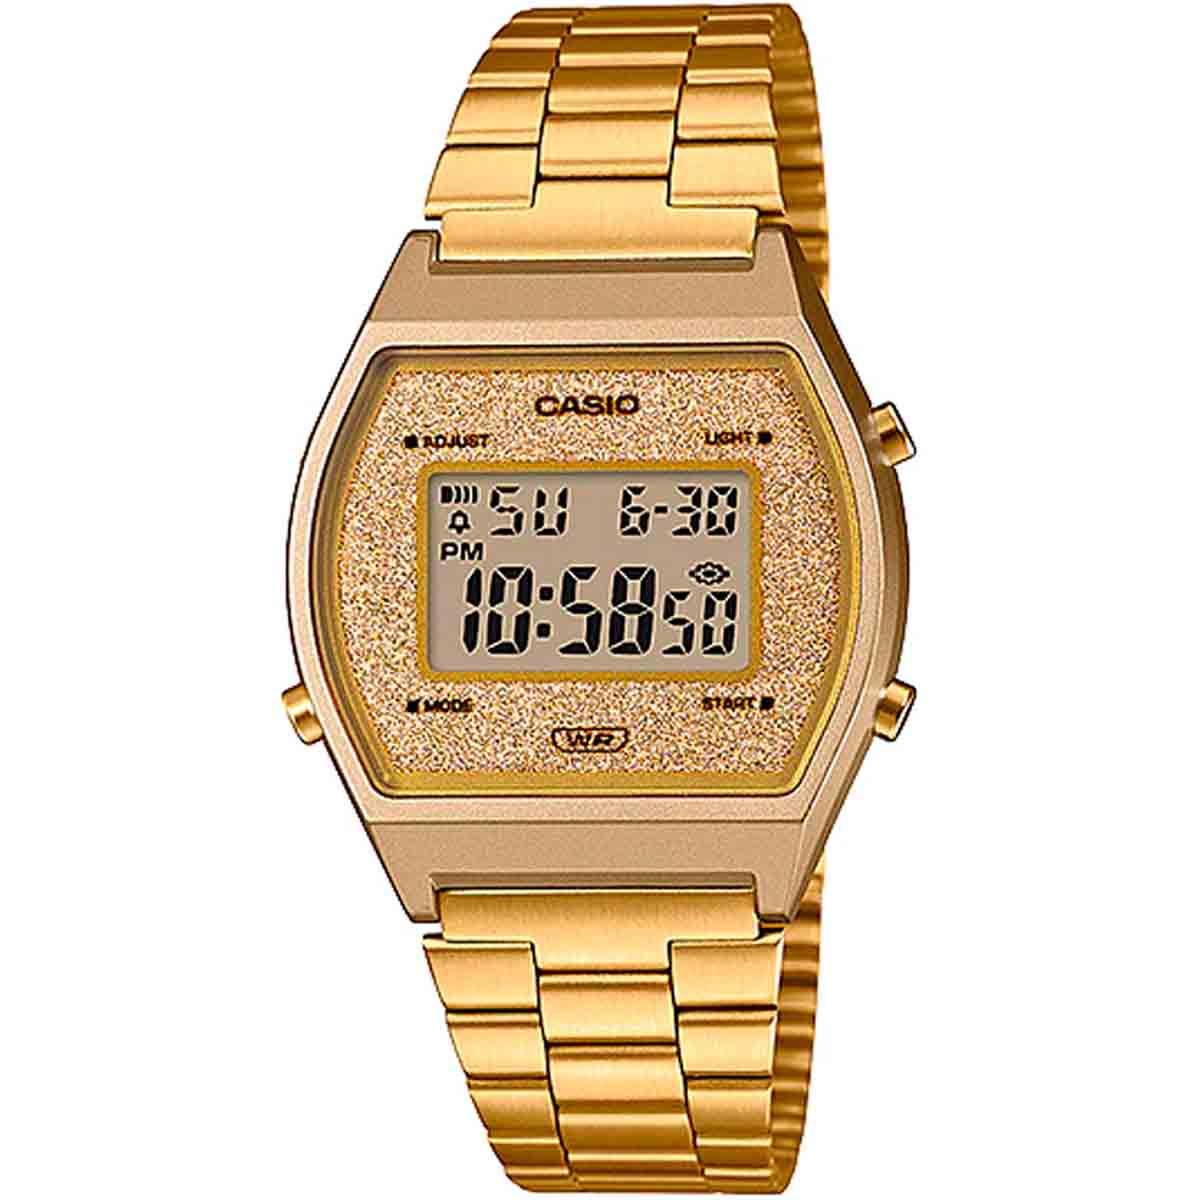 Relógio Casio Vintage Digital Feminino Dourado B640WGG-9DF